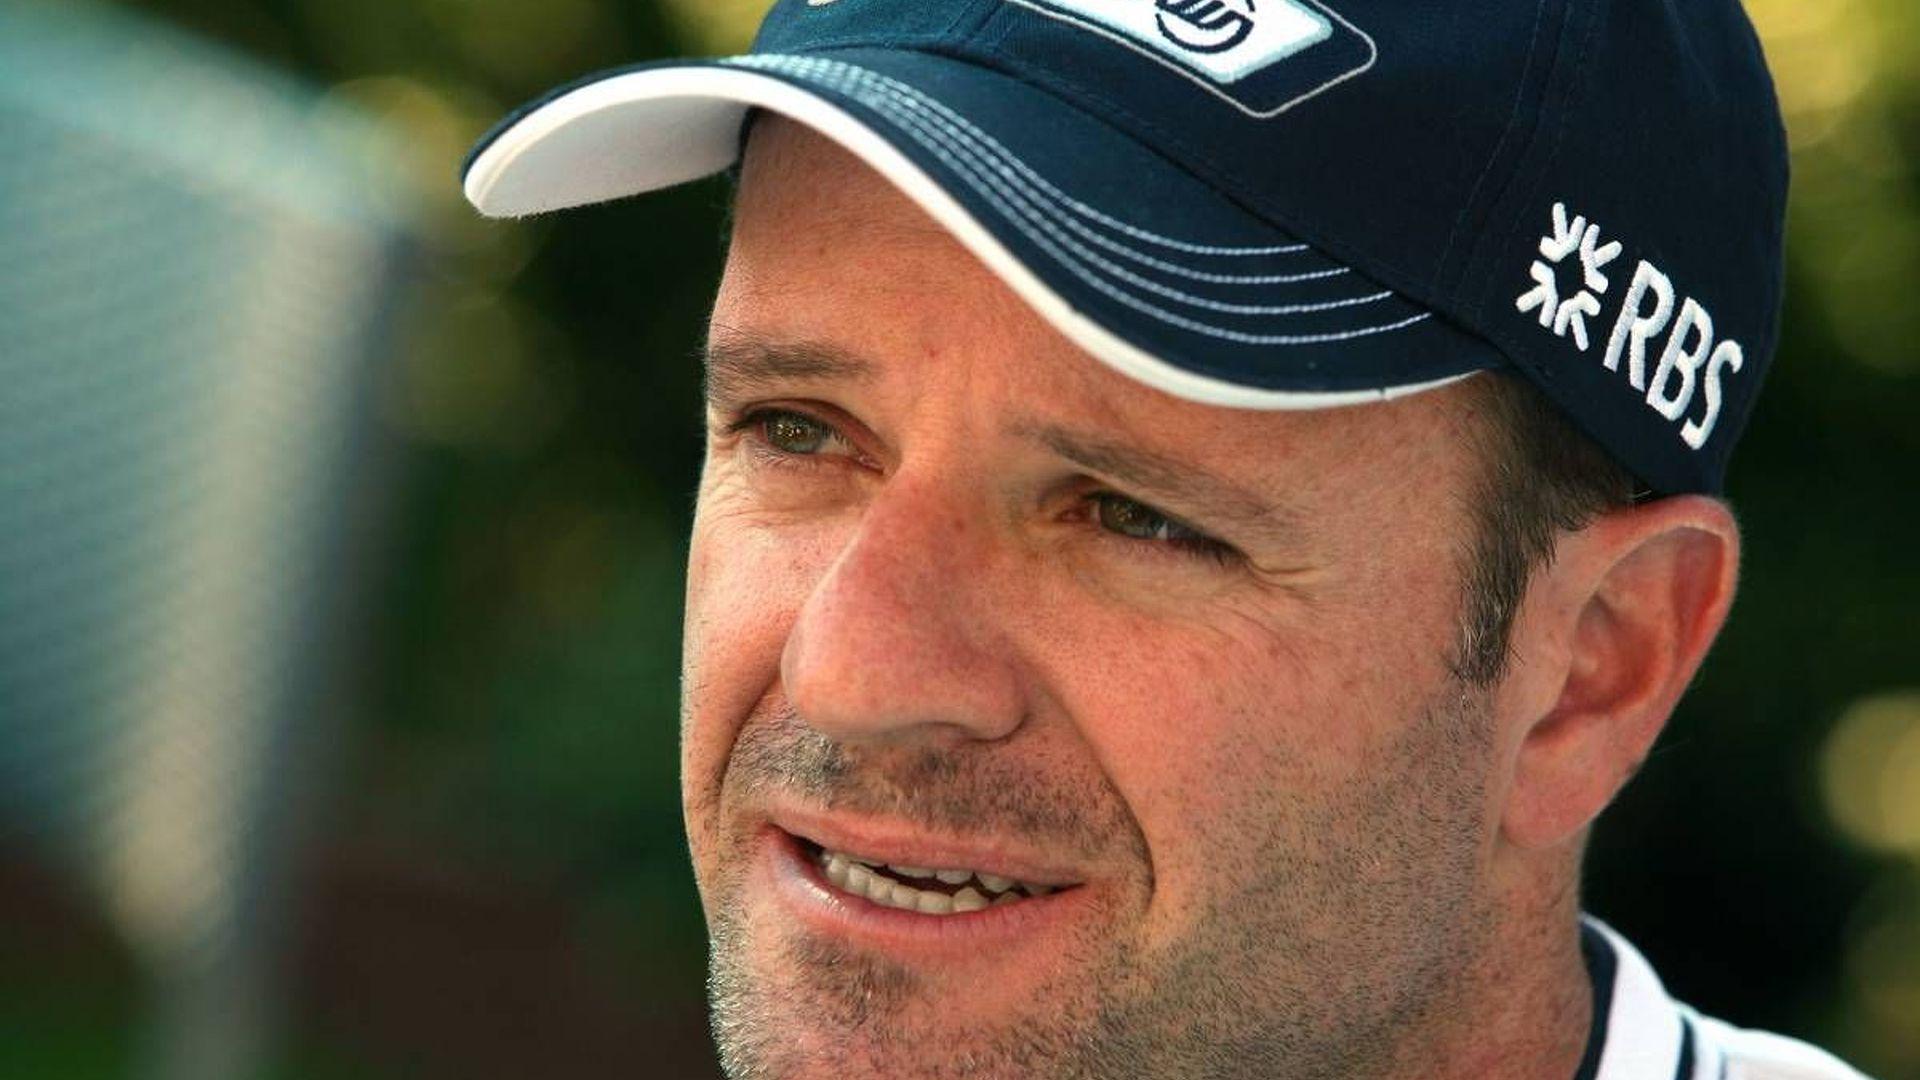 Barrichello worried about Williams developments